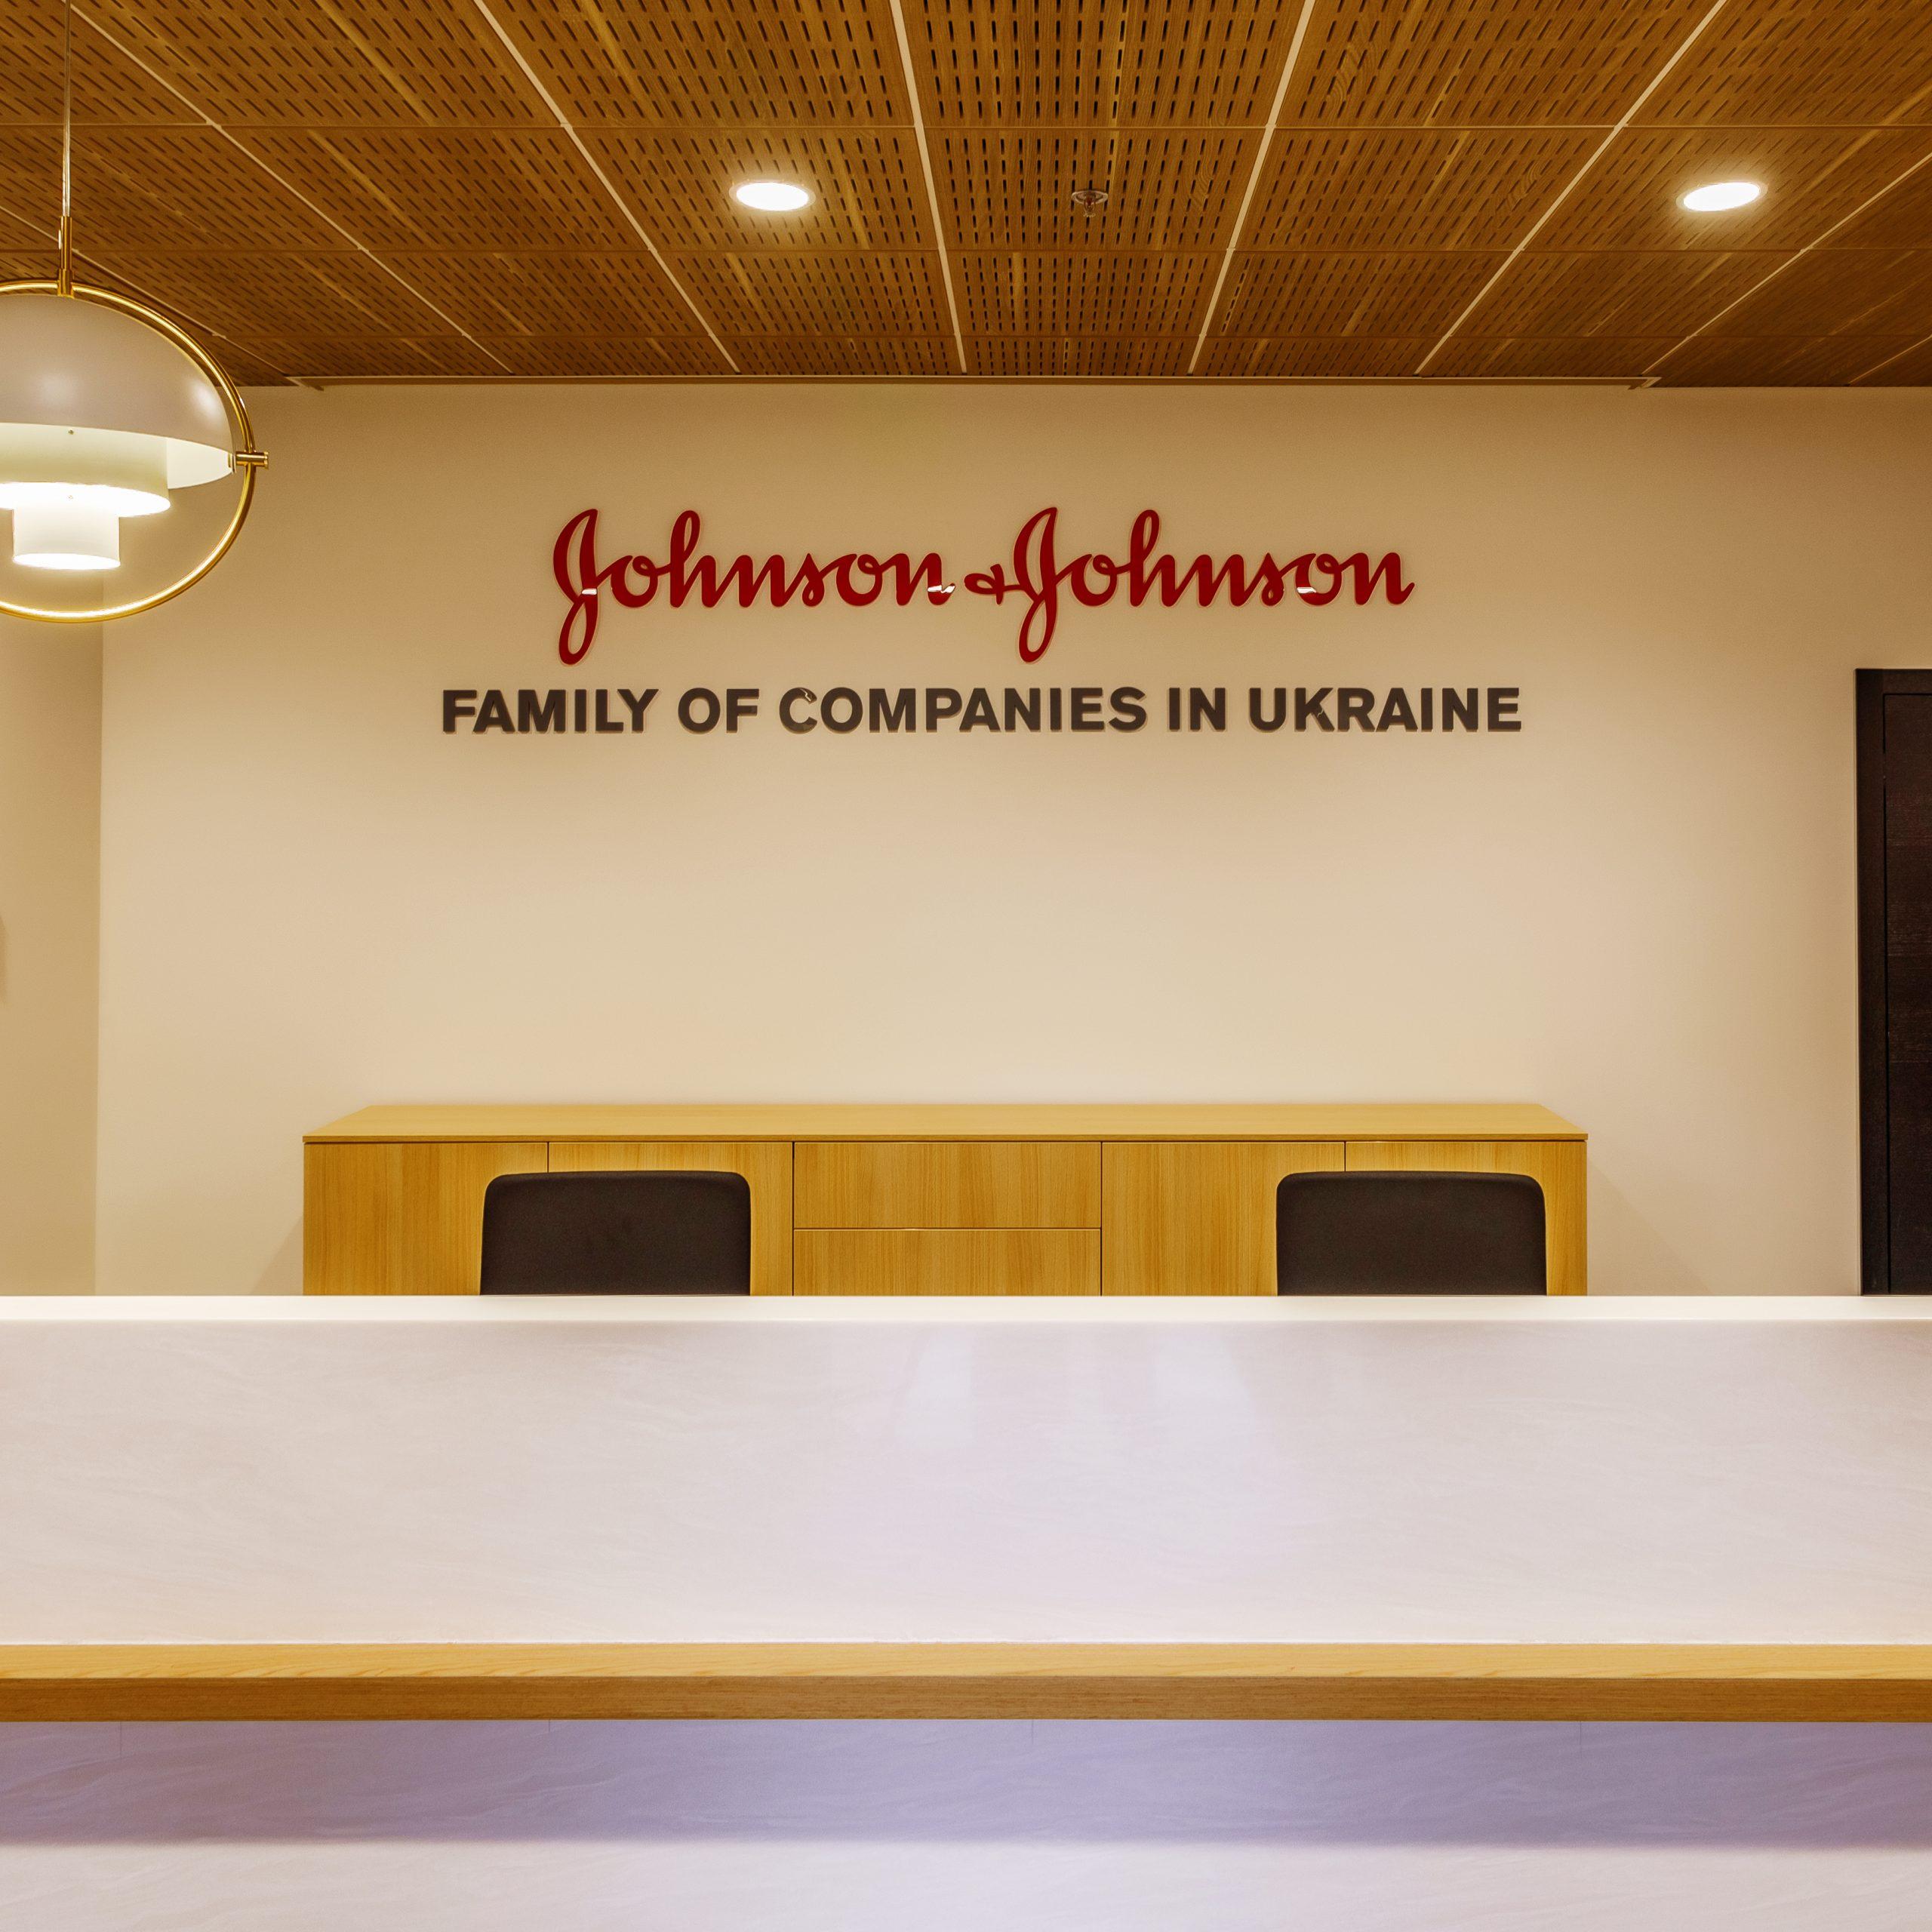 Recepcia spoločnosti Johnson & Johnson na Ukrajine